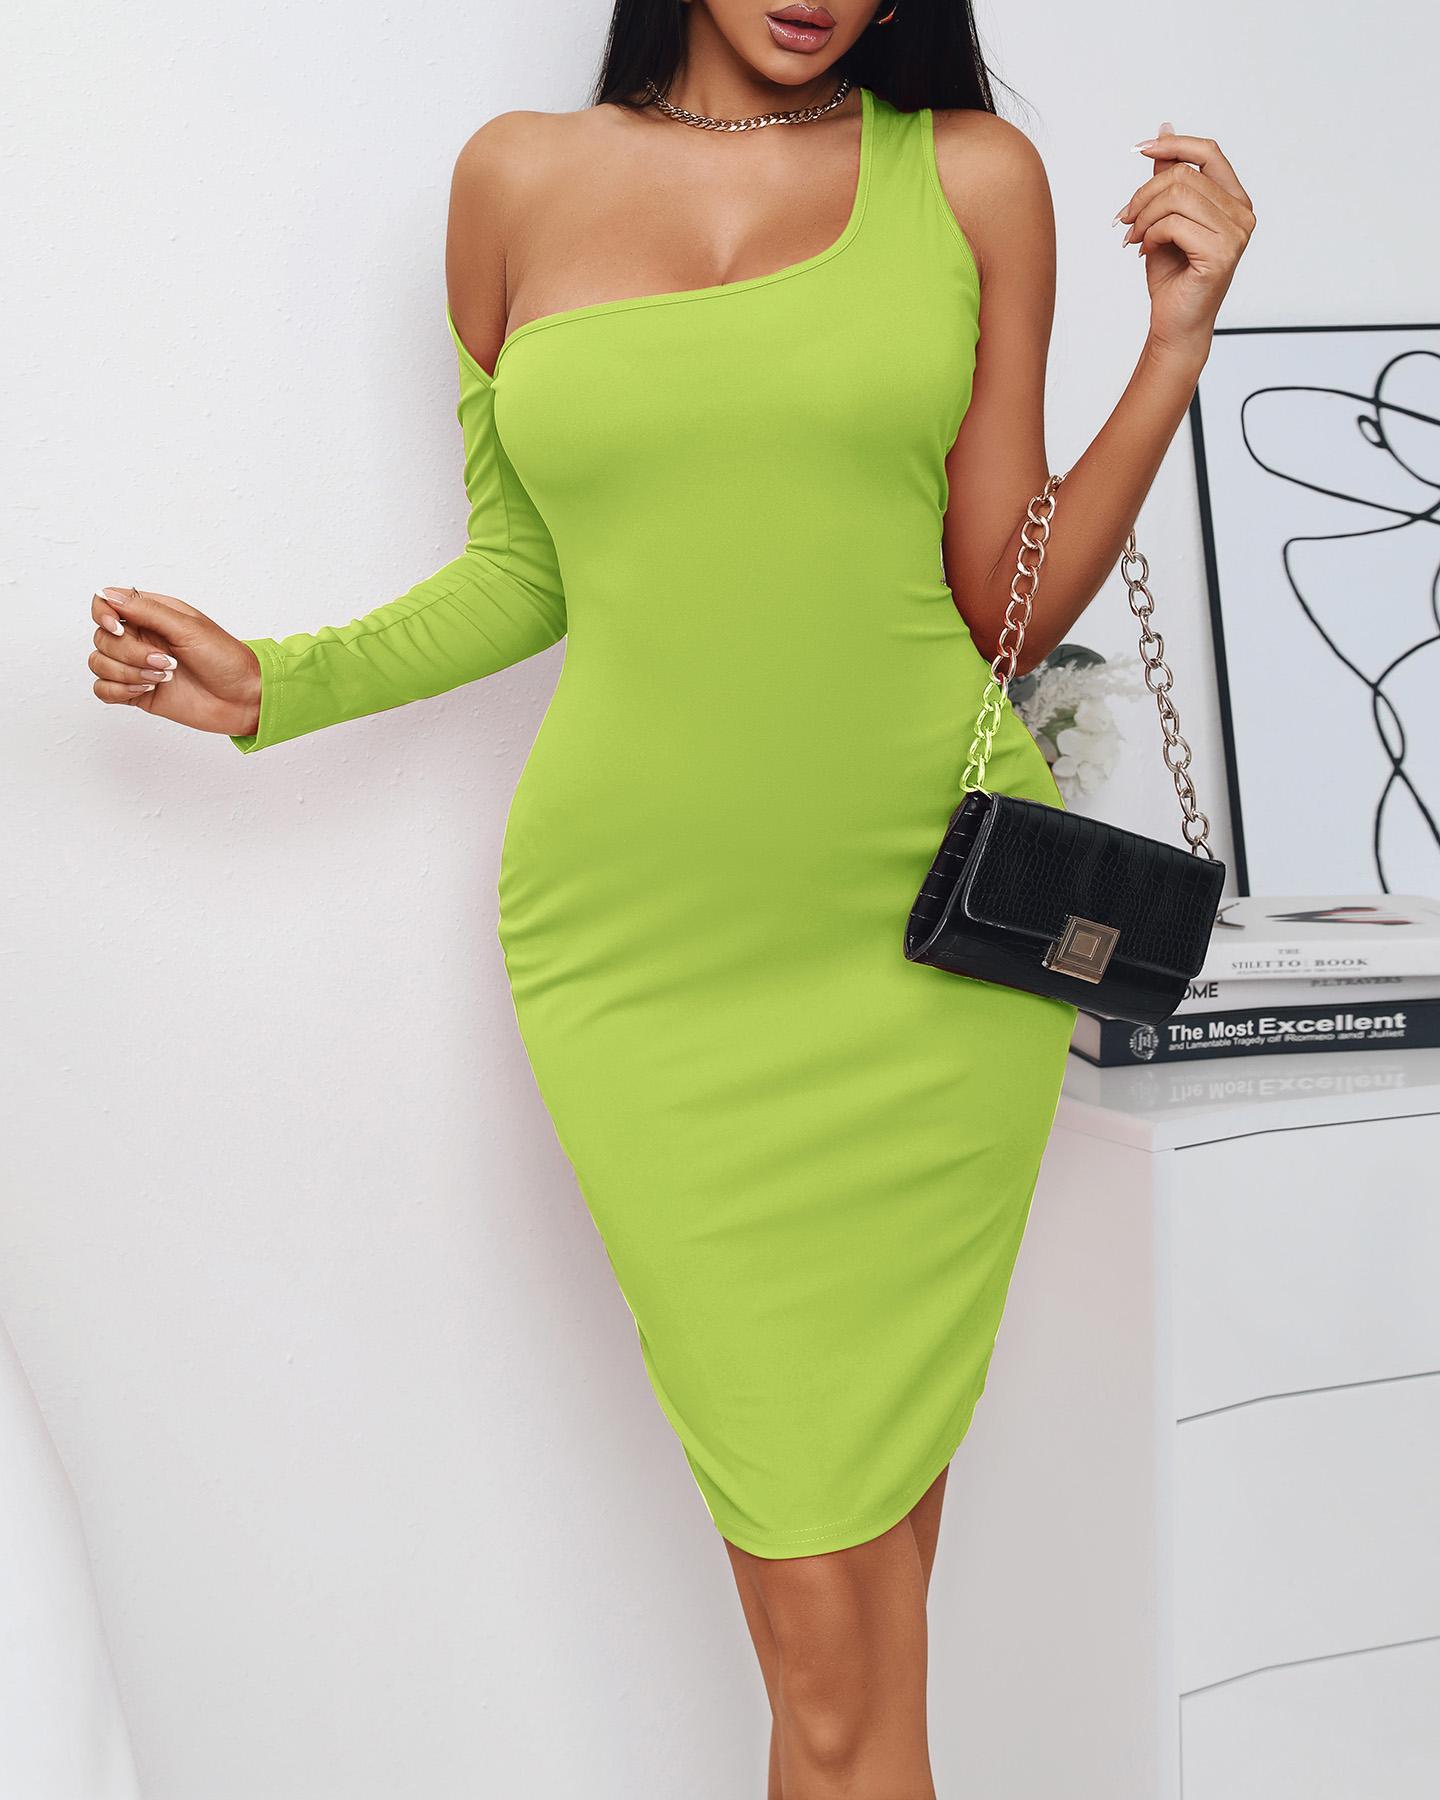 Solid Color Asymmetrical Halter Neck Bodycon Dress